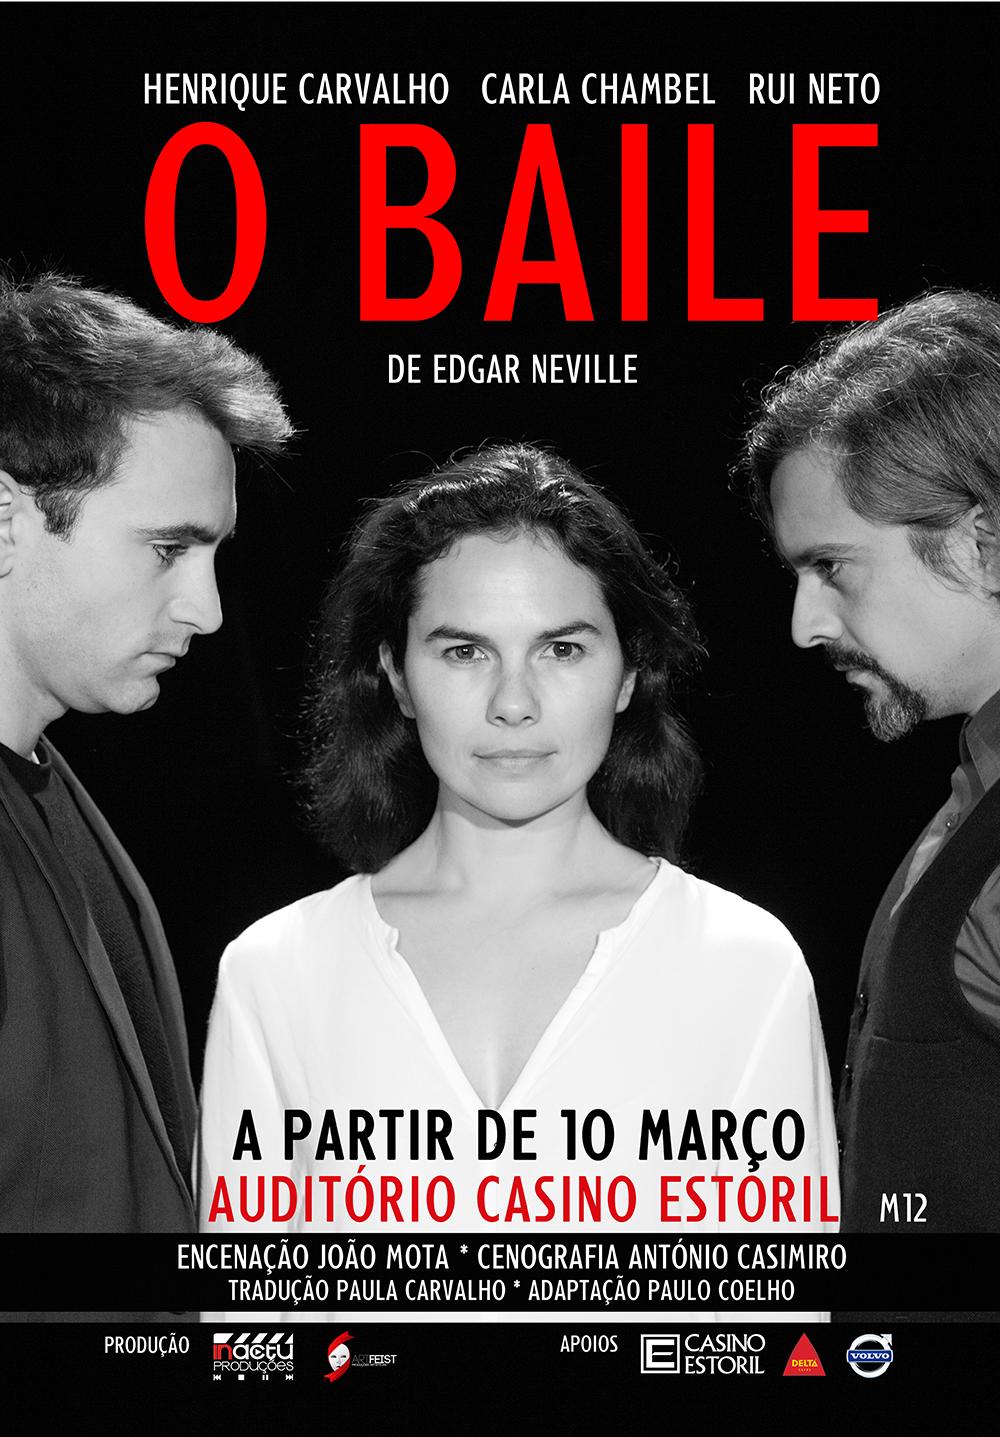 OBaile-ParaleloV04